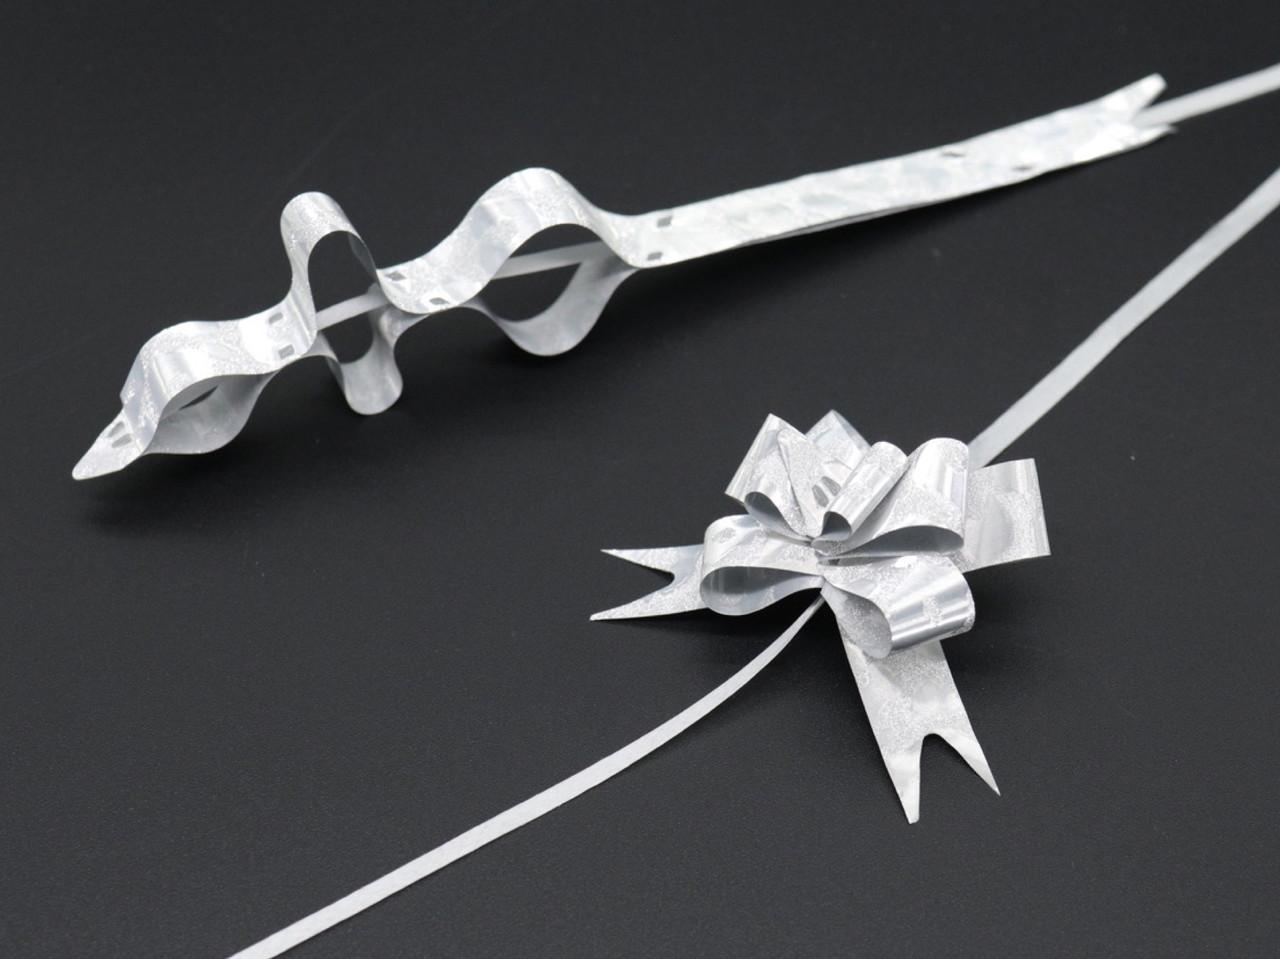 Подарочные банты на затяжках. Цвет серебро.